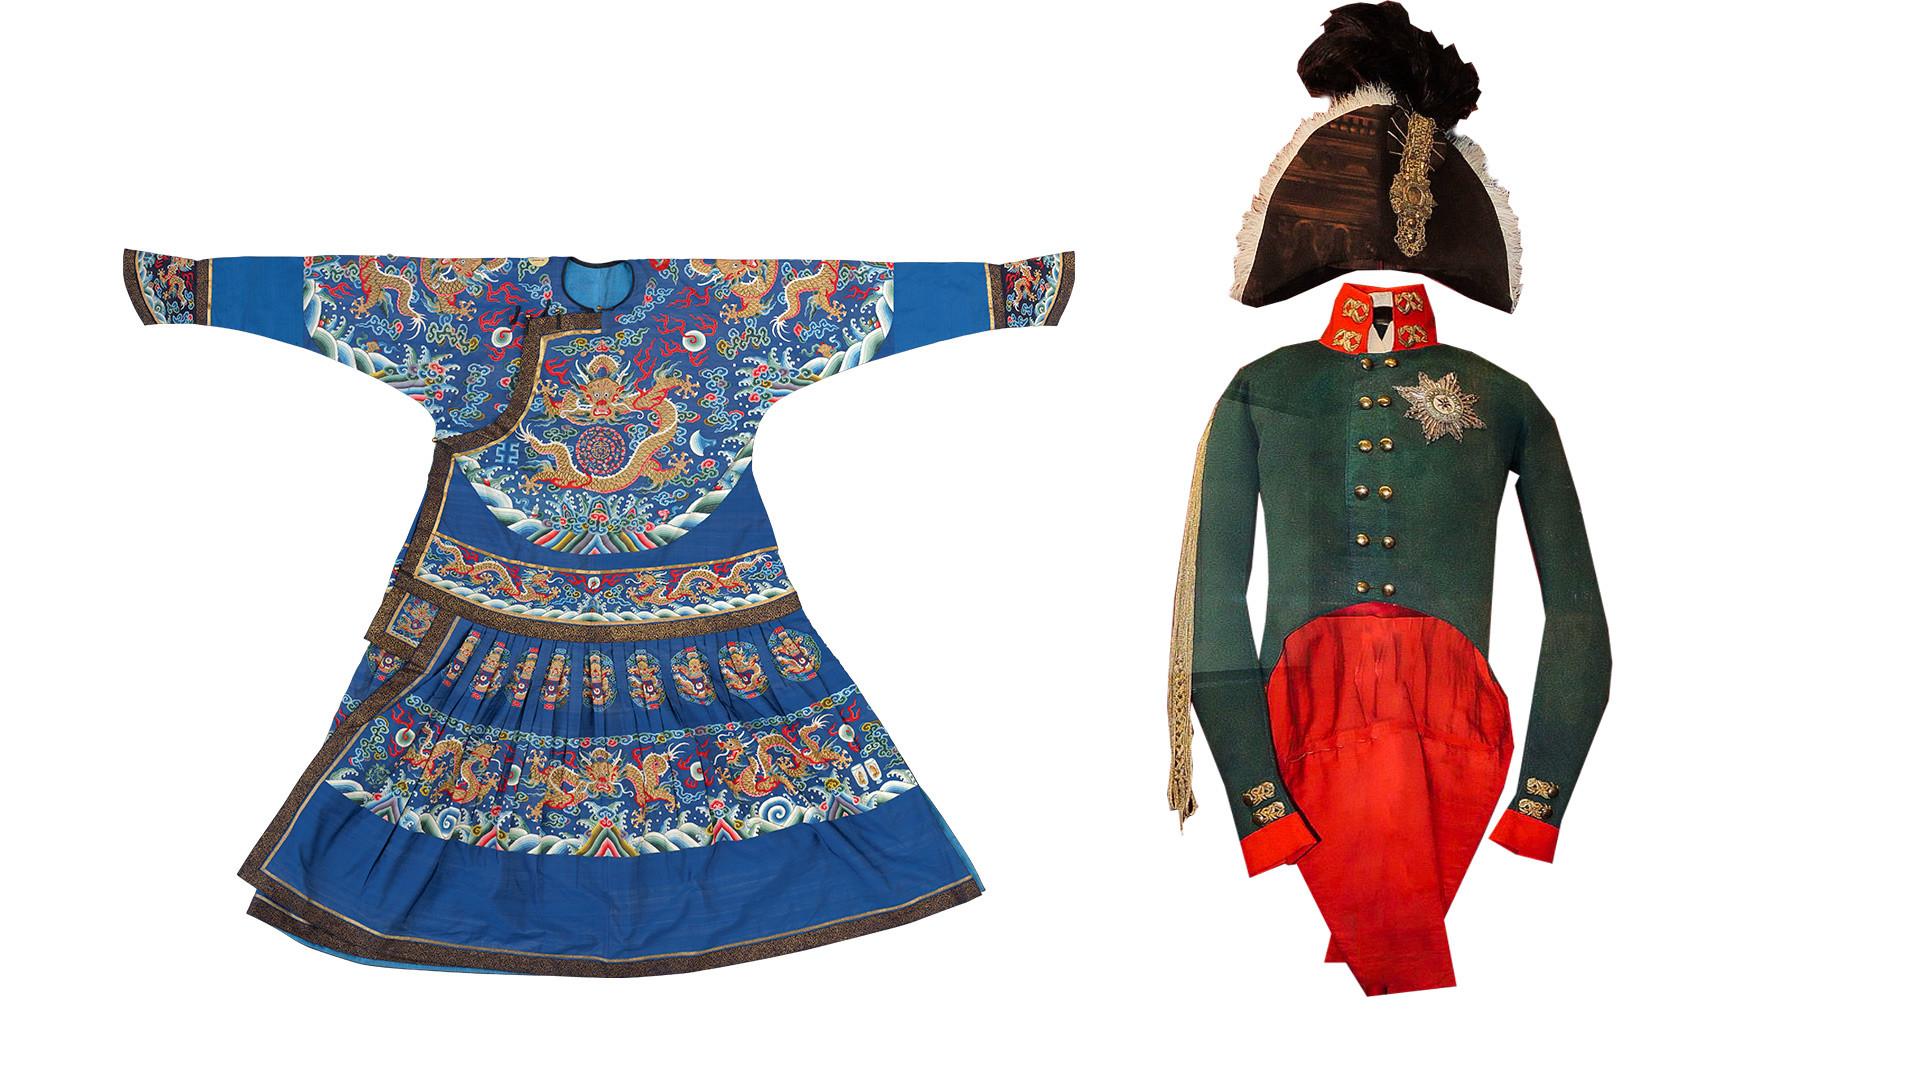 Lijevo: Svečana odjeća cara. Dinastija Qing, vladavina Jiaqinga (1796.–1821.) Desno: Krunidbena odjeća cara Aleksandra I.